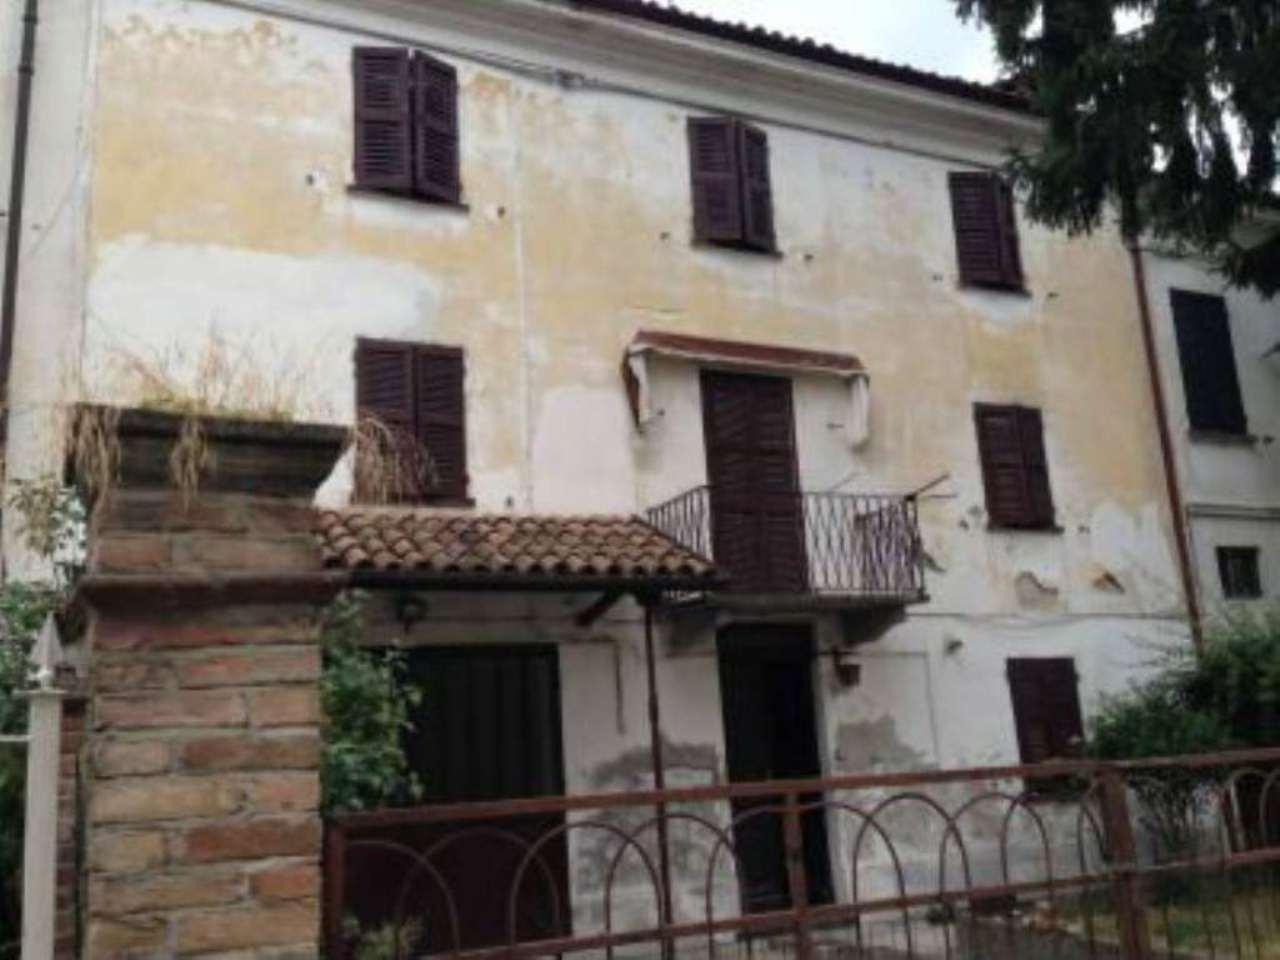 Soluzione Indipendente in vendita a Nizza Monferrato, 9 locali, prezzo € 75.000 | Cambio Casa.it